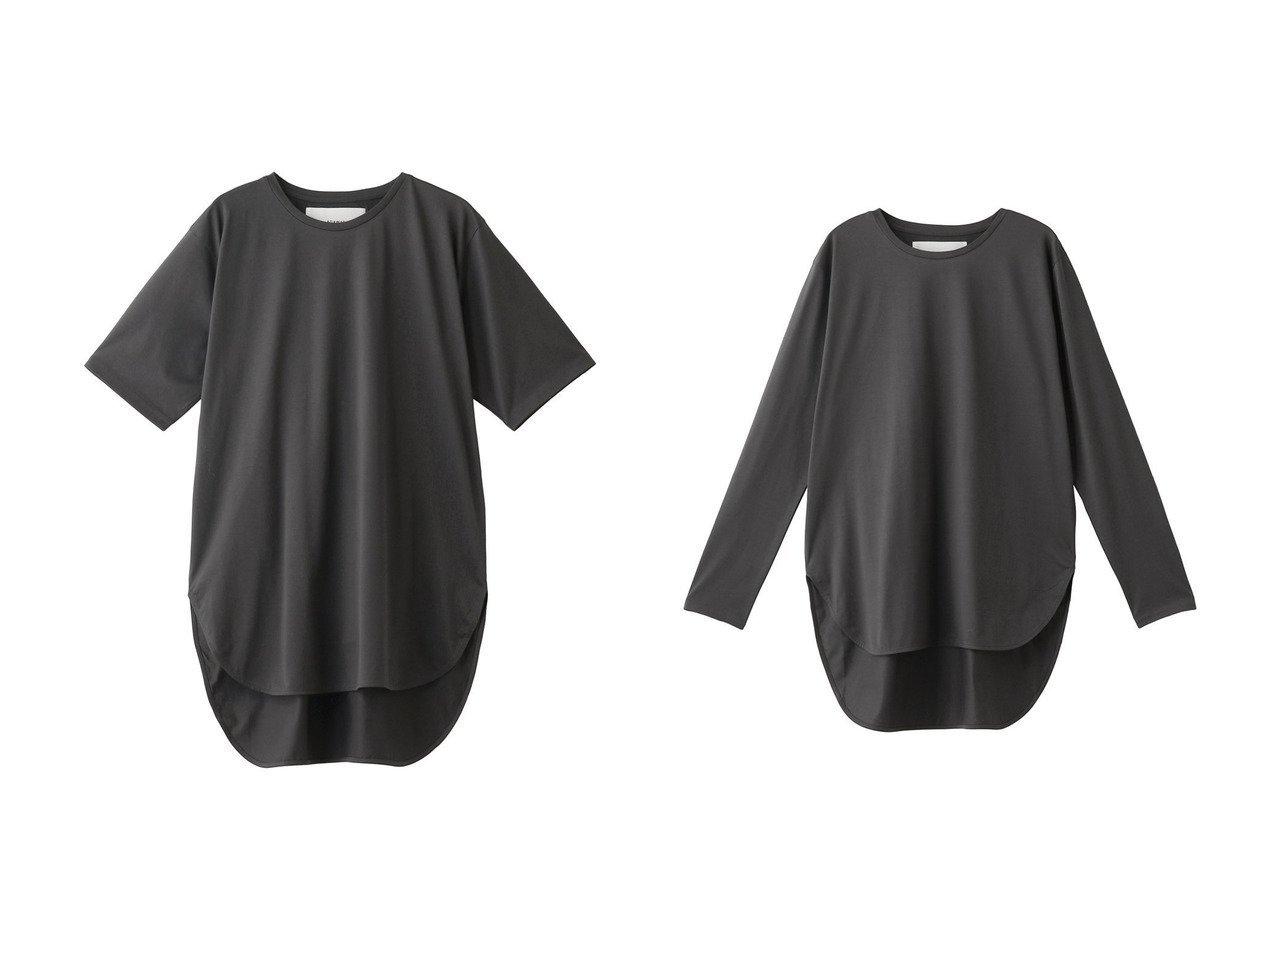 【ADAWAS/アダワス】のラウンドヘムジャージTシャツ&ロングスリーブラウンドヘムジャージーTシャツ 【トップス・カットソー】おすすめ!人気、トレンド・レディースファッションの通販 おすすめで人気の流行・トレンド、ファッションの通販商品 インテリア・家具・メンズファッション・キッズファッション・レディースファッション・服の通販 founy(ファニー) https://founy.com/ ファッション Fashion レディースファッション WOMEN トップス・カットソー Tops/Tshirt シャツ/ブラウス Shirts/Blouses ロング / Tシャツ T-Shirts カットソー Cut and Sewn 2020年 2020 2020-2021秋冬・A/W AW・Autumn/Winter・FW・Fall-Winter/2020-2021 2021年 2021 2021-2022秋冬・A/W AW・Autumn/Winter・FW・Fall-Winter・2021-2022 A/W・秋冬 AW・Autumn/Winter・FW・Fall-Winter ショート シルケット シンプル スリーブ ベーシック 半袖 定番 Standard ロング  ID:crp329100000060616